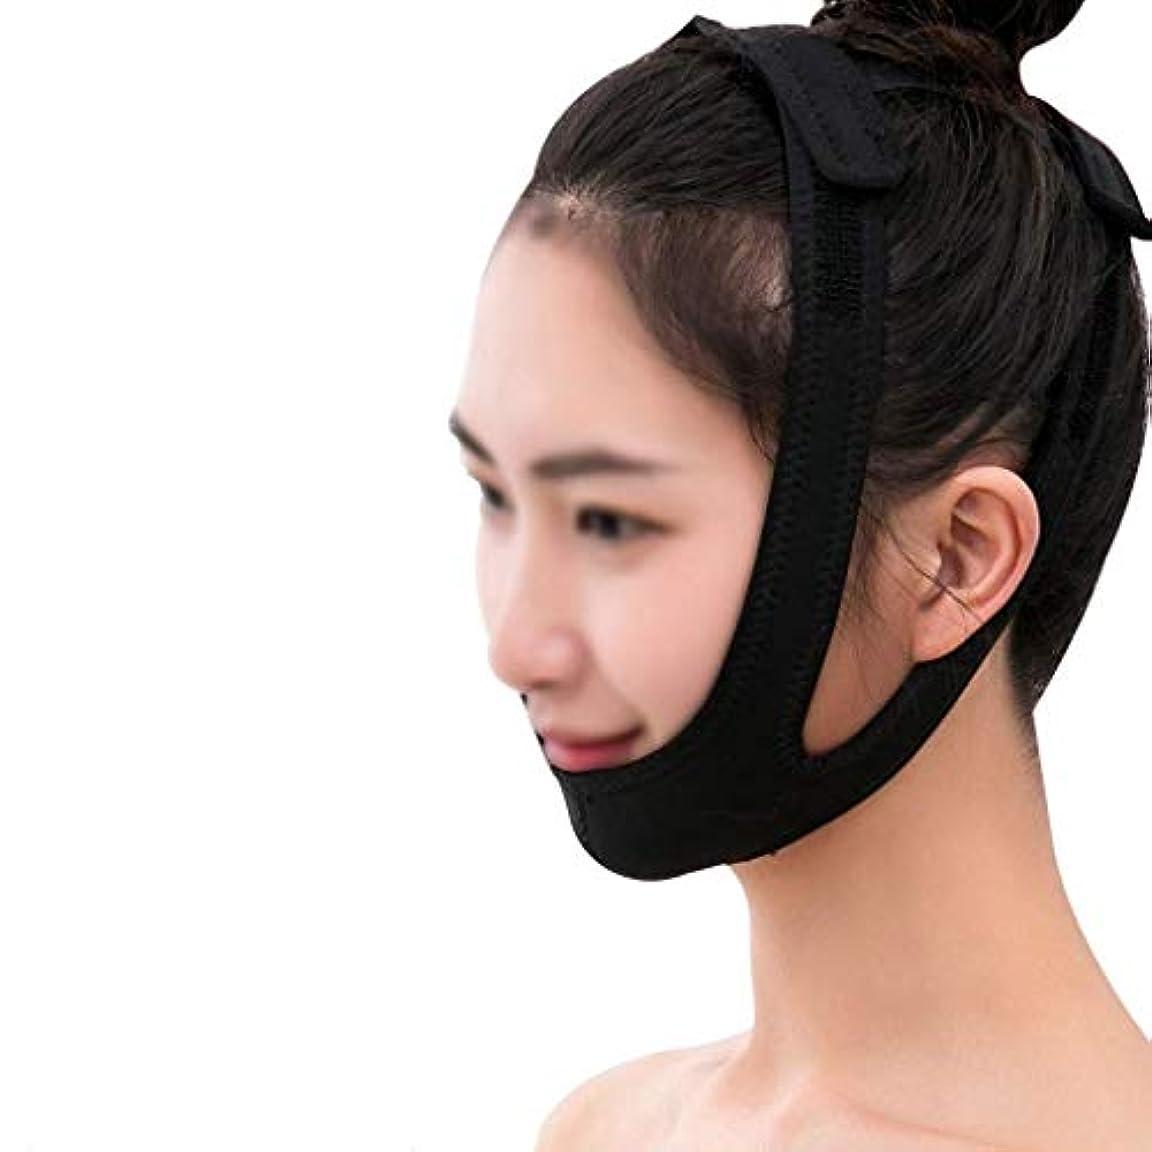 手順公式疑わしいフェイシャルリフティングマスク、医療用ワイヤーカービングリカバリーヘッドギアVフェイスバンデージダブルチンフェイスリフトマスク